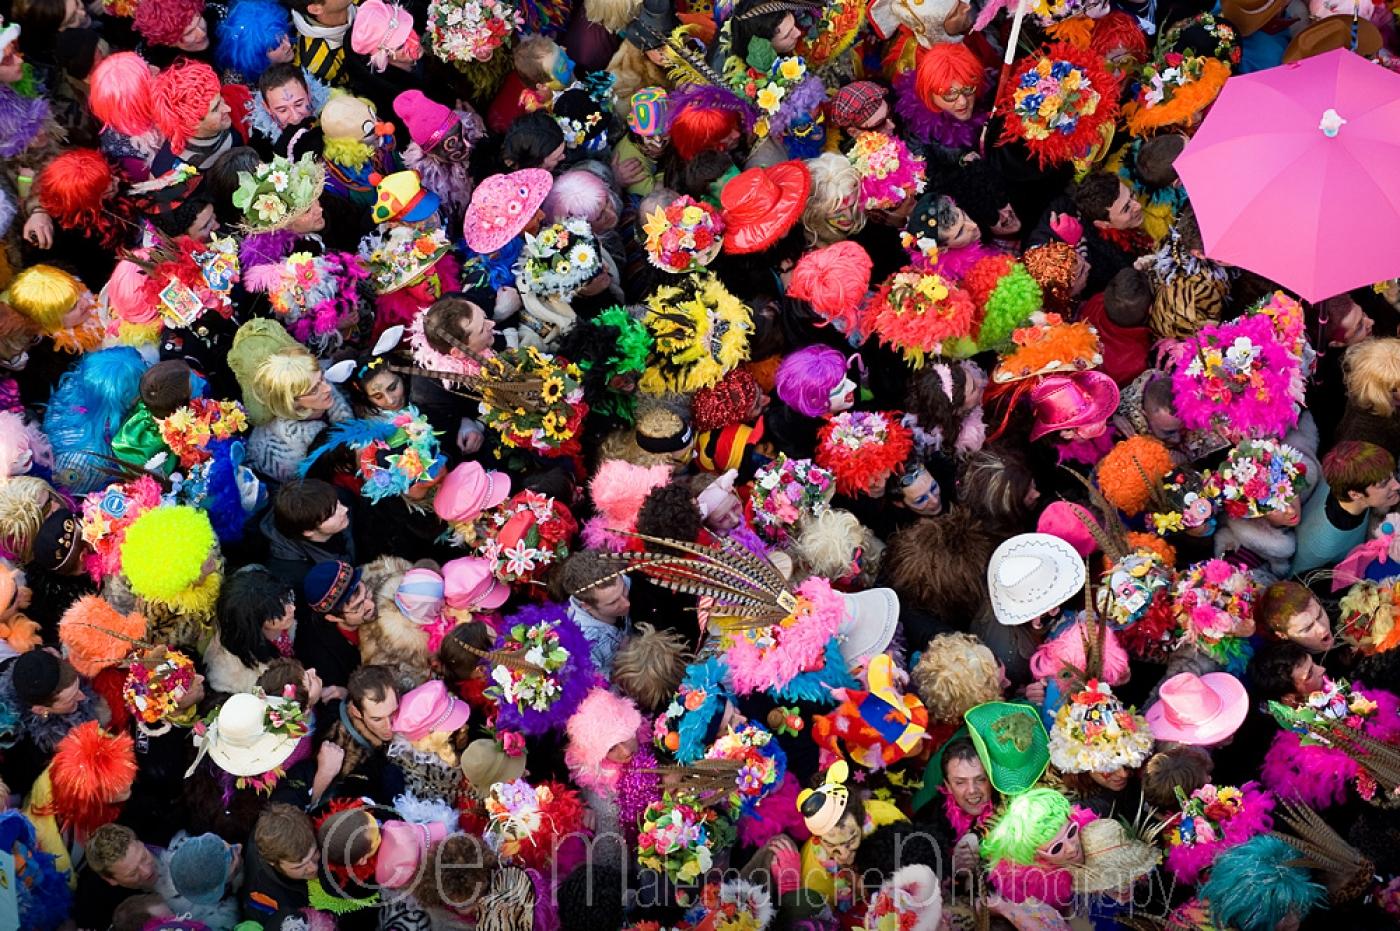 http://www.ericmalemanche.com/imagess/topics/carnaval-de-dunkerque/liste/Carnaval-Dunkerque-0554.jpg